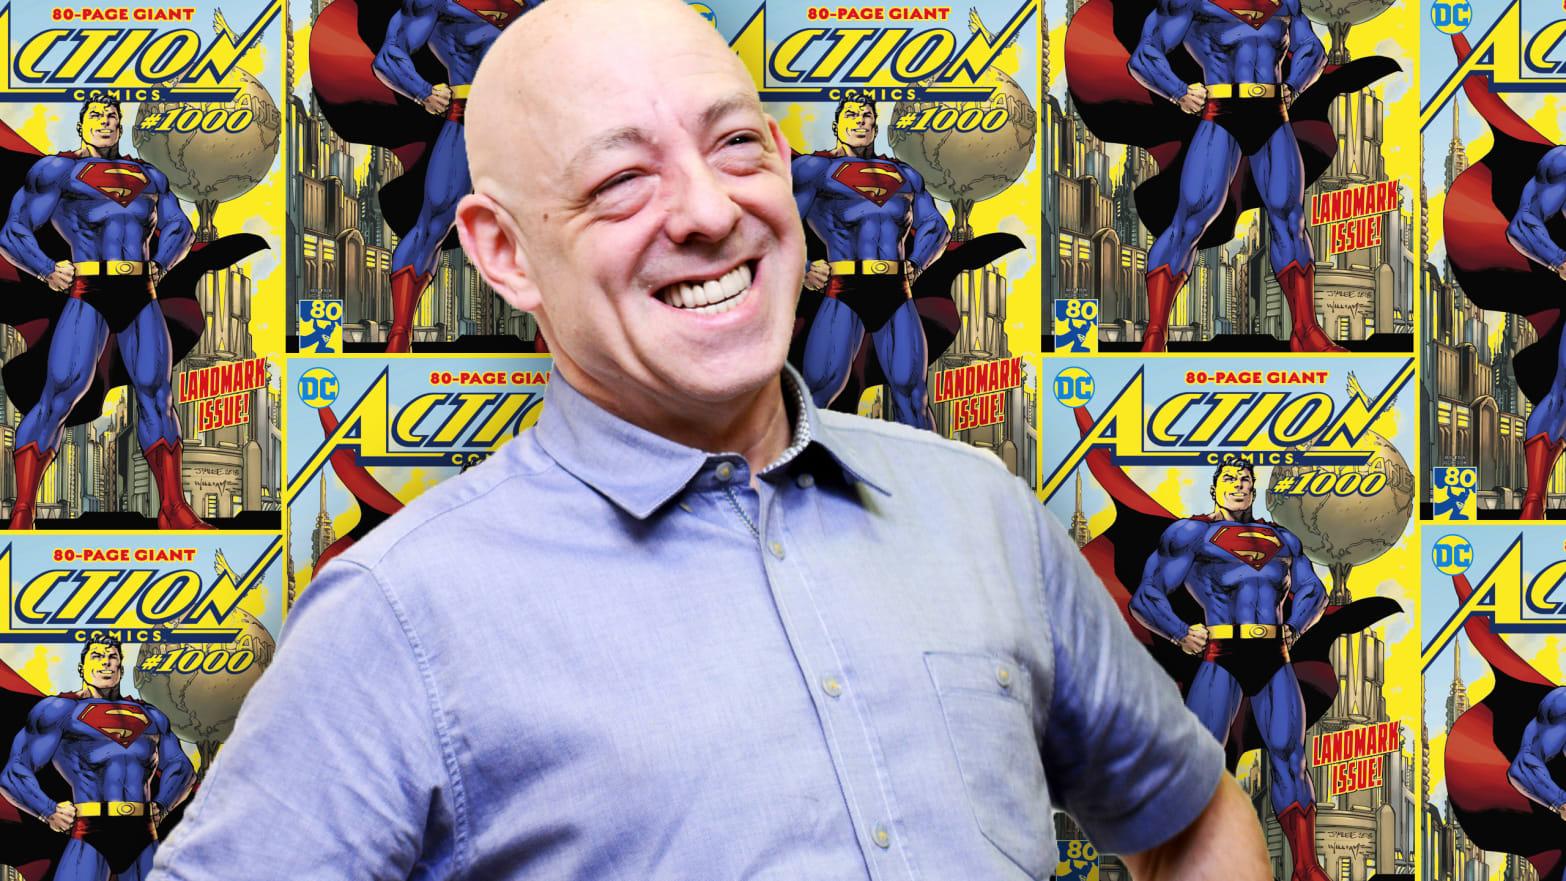 Superman - O Homem de Aço (de Brian Michael Bendis) - Resenha - 05